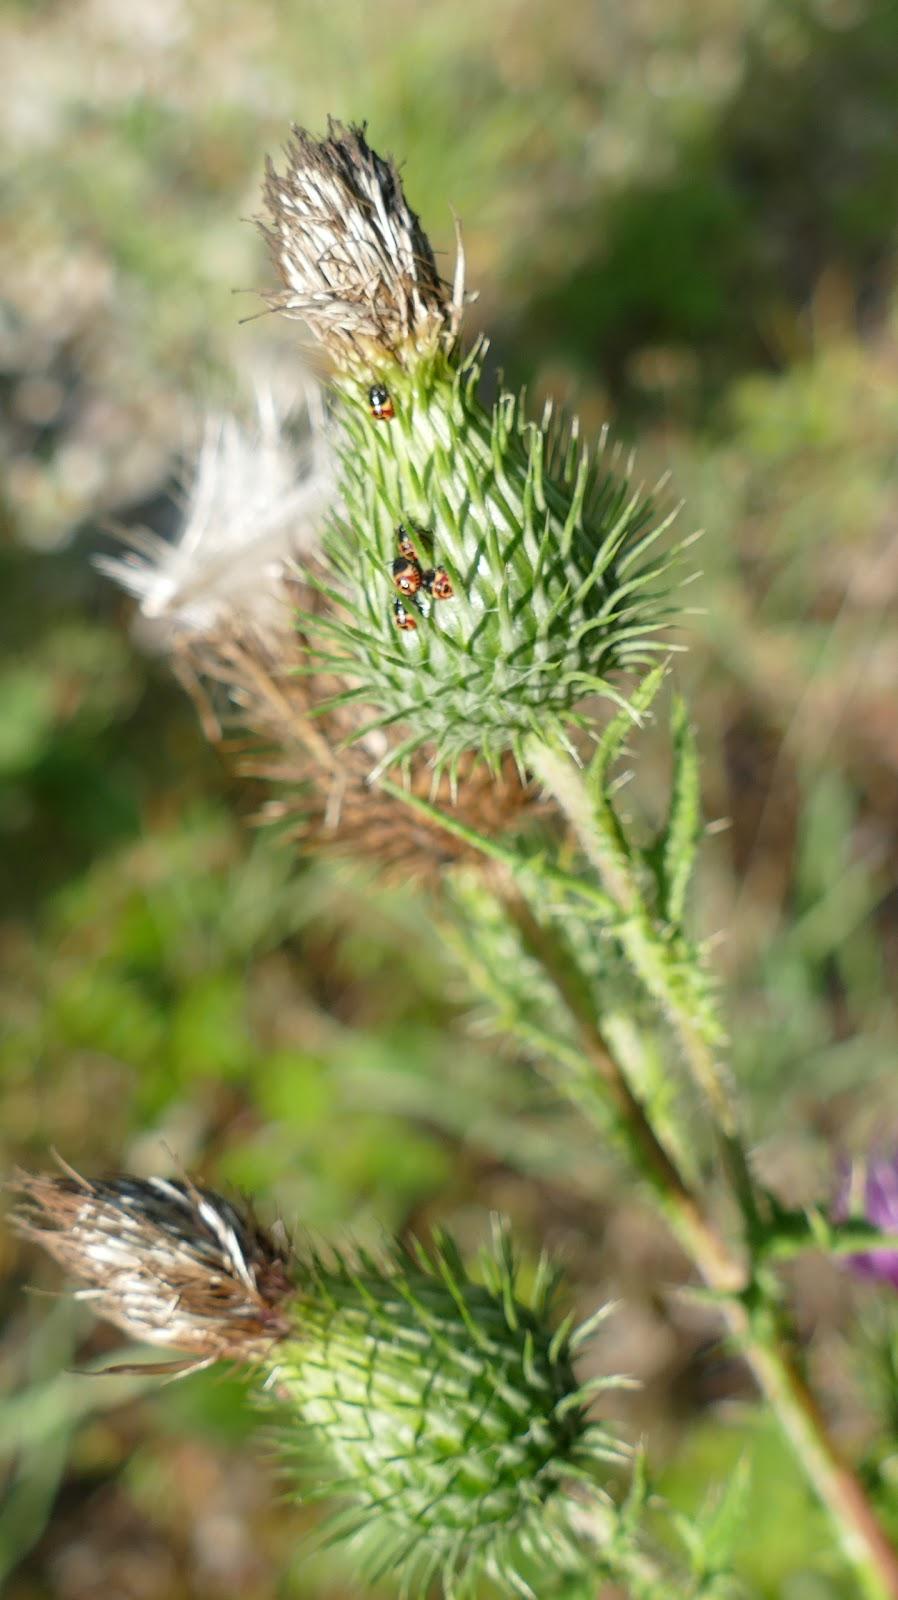 Nos b b tes petit insecte rouge et noir punaise - Insecte rouge et noir ...